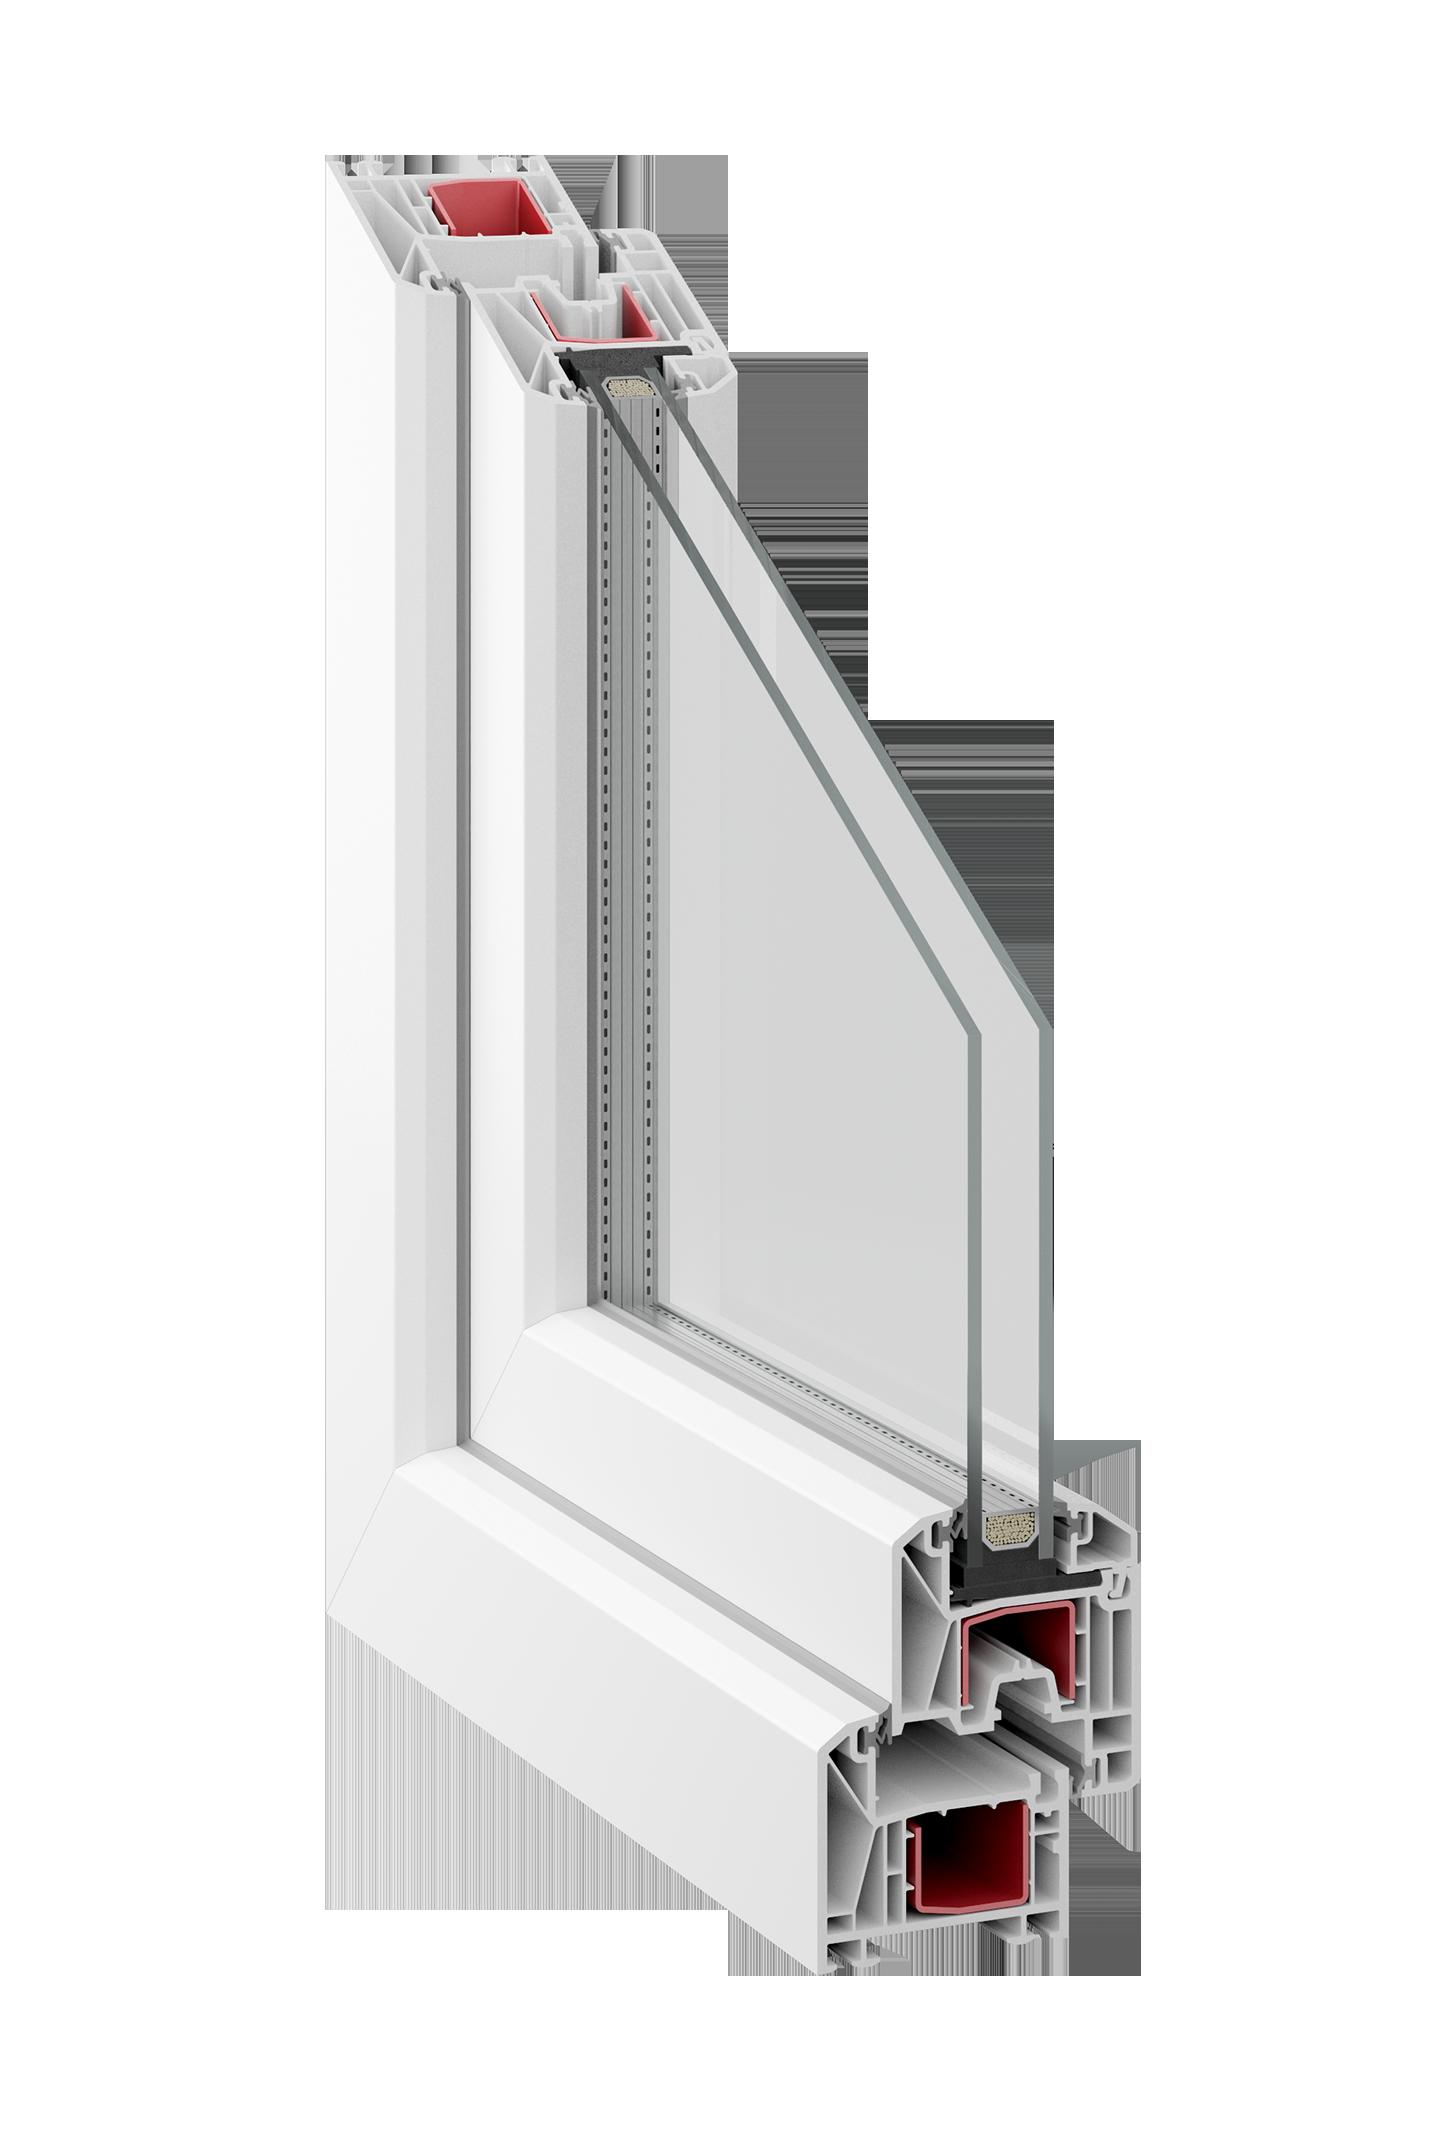 Full Size of Trocal Fenster System 70 Cl Interplast Windows Alte Kaufen Rc3 Mit Rolladen Einbruchschutz Nachrüsten Rollos Innen Sonnenschutzfolie Rolladenkasten Einbauen Fenster Trocal Fenster